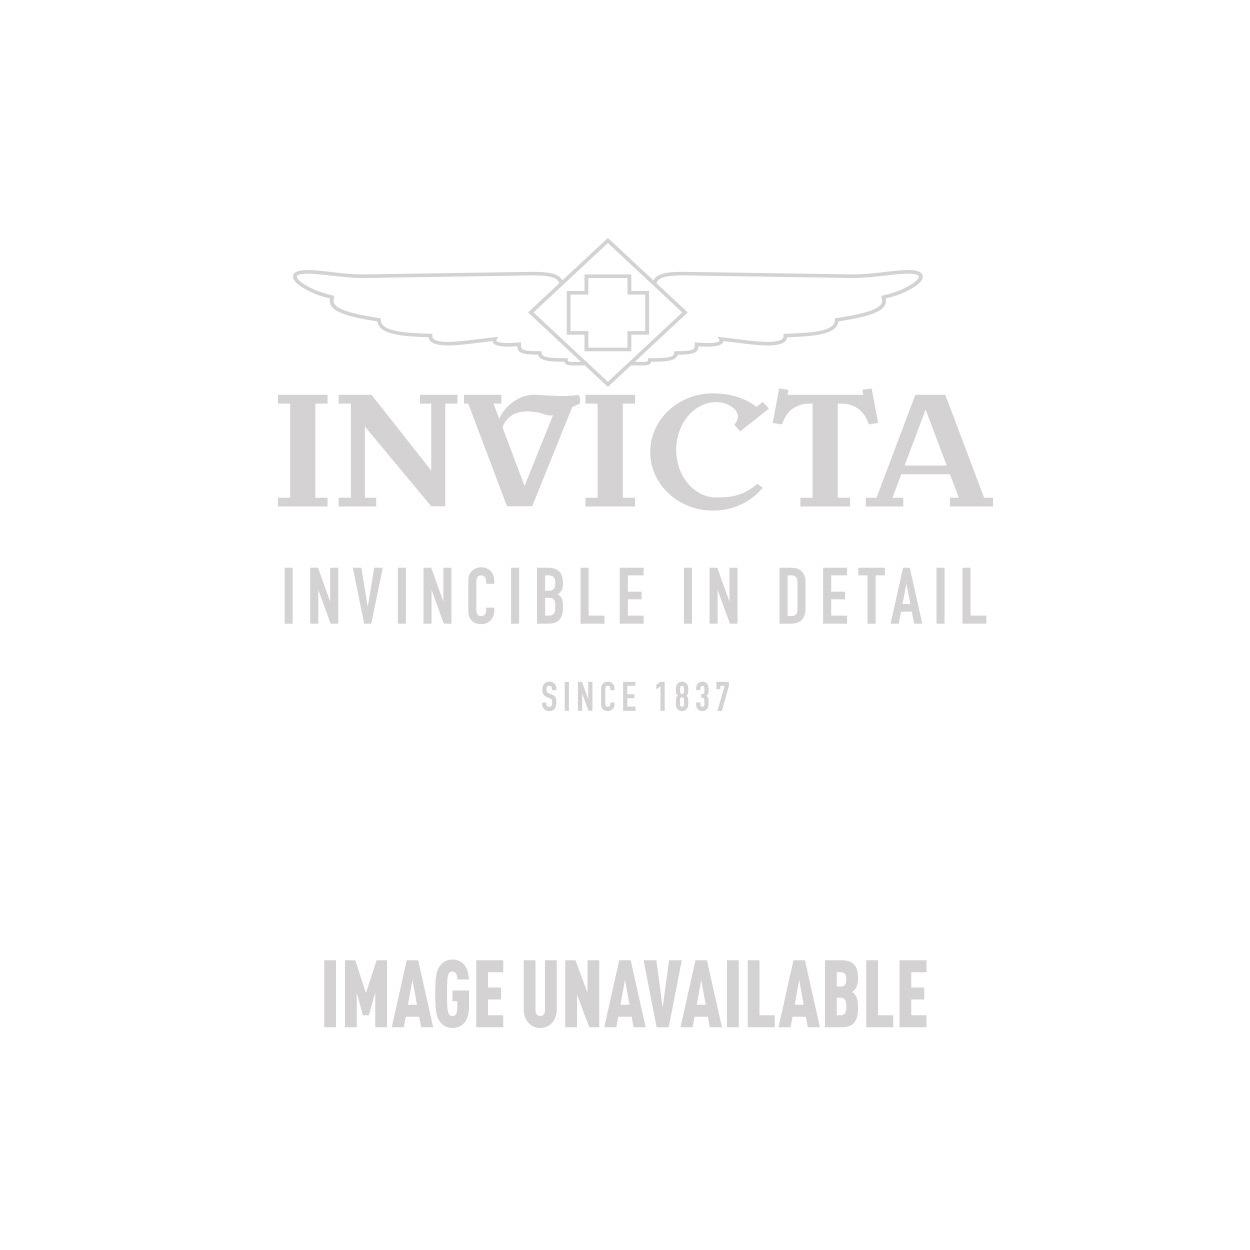 Invicta Model 24339